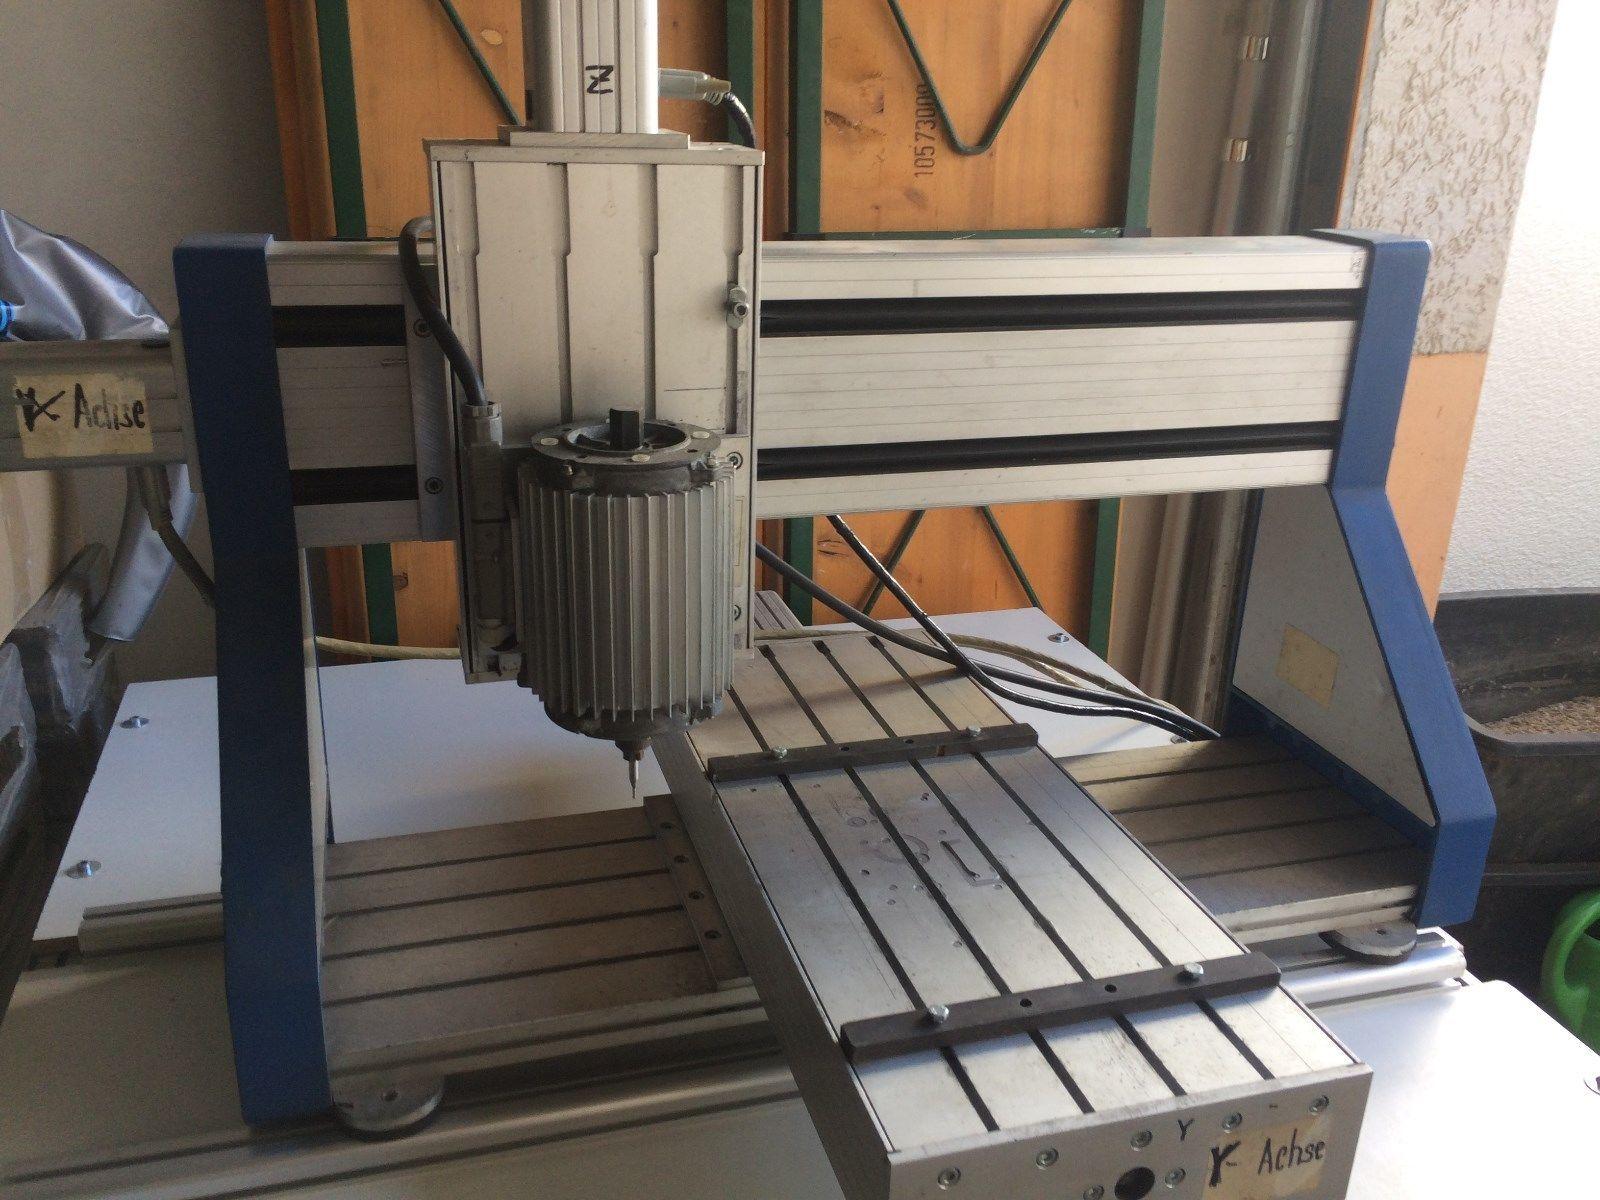 ISEL CNC Kreuztisch mit Steuerung C142 sowie Spindel ISM300 mit Ansterung M300